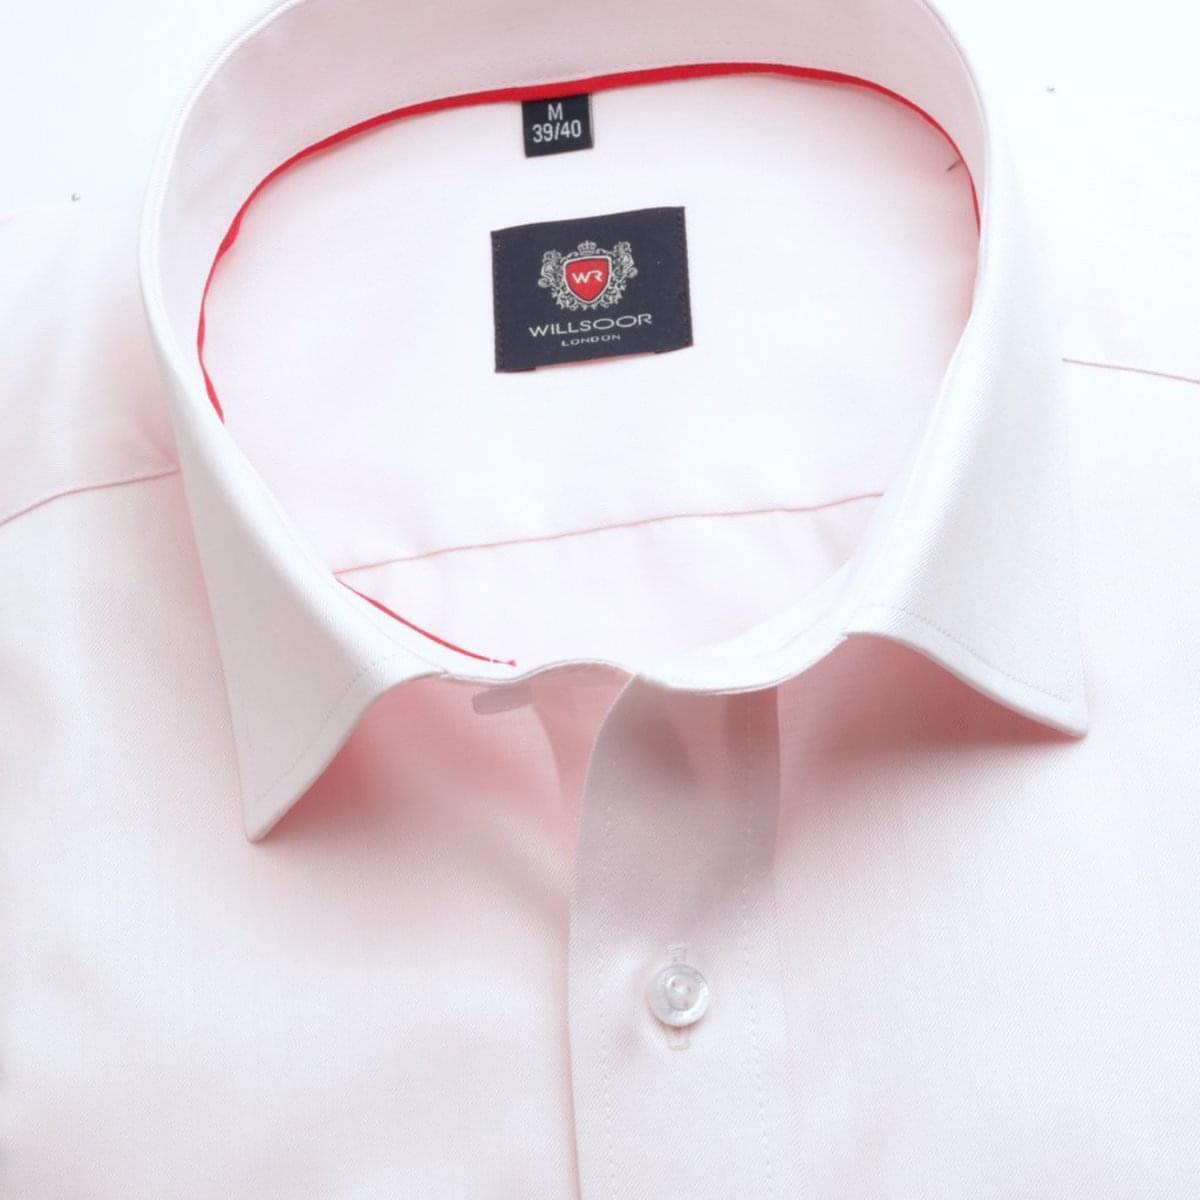 Pánská klasická košile London (výška 188-194) 6764 v růžové barvě s formulí Easy Care 188-194 / L (41/42)